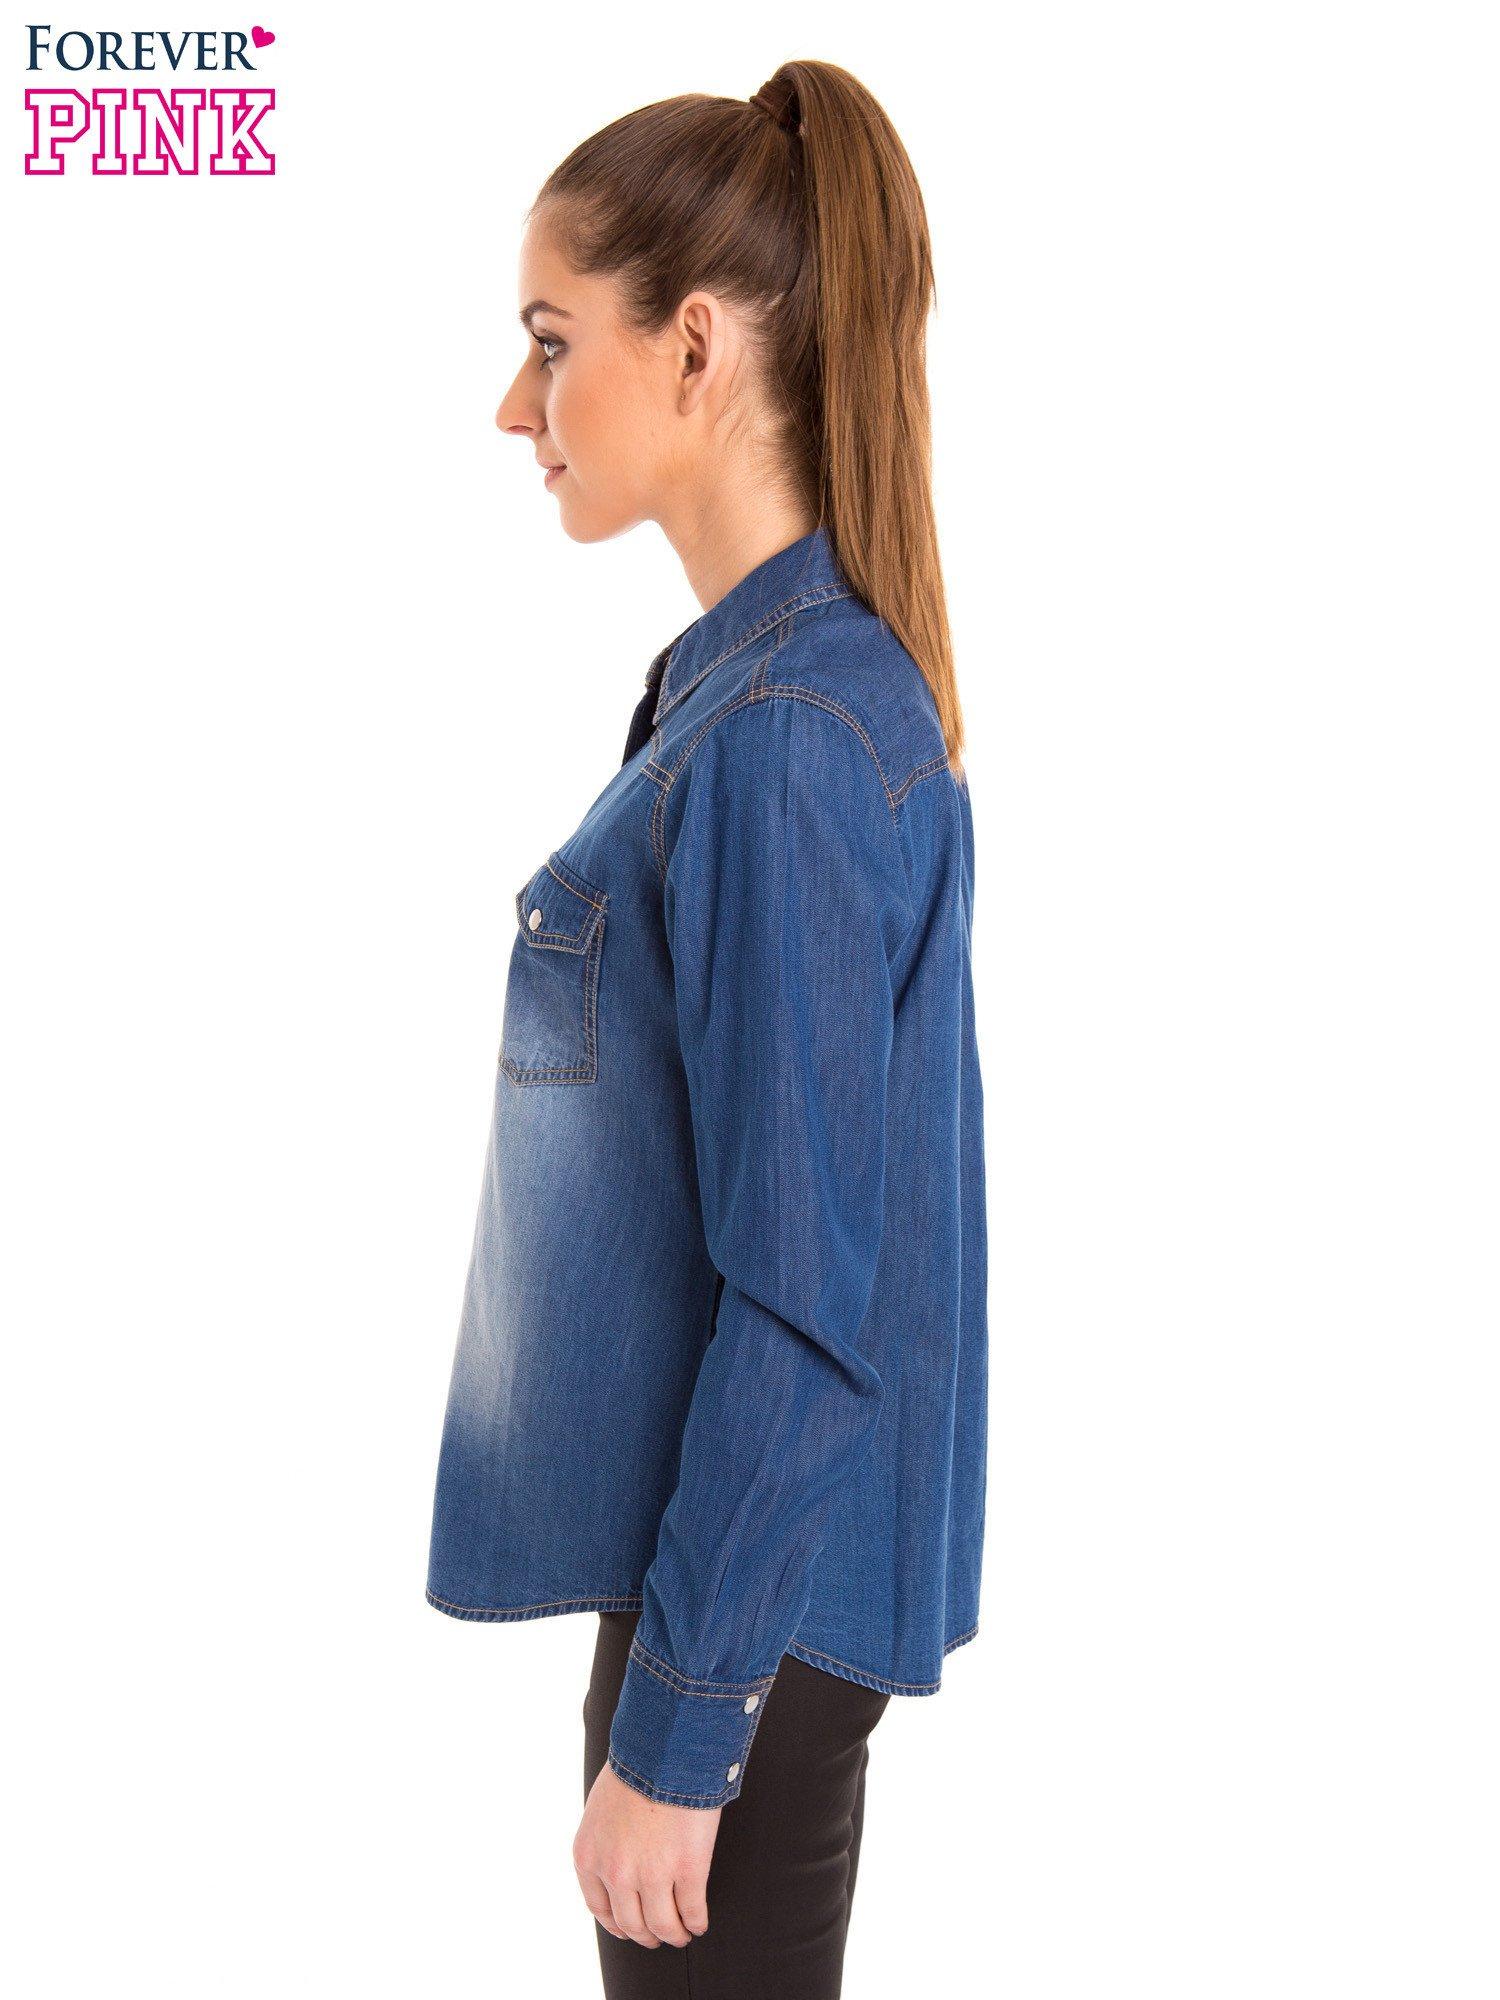 Niebieska jeansowa koszula z przetarciami                                  zdj.                                  3